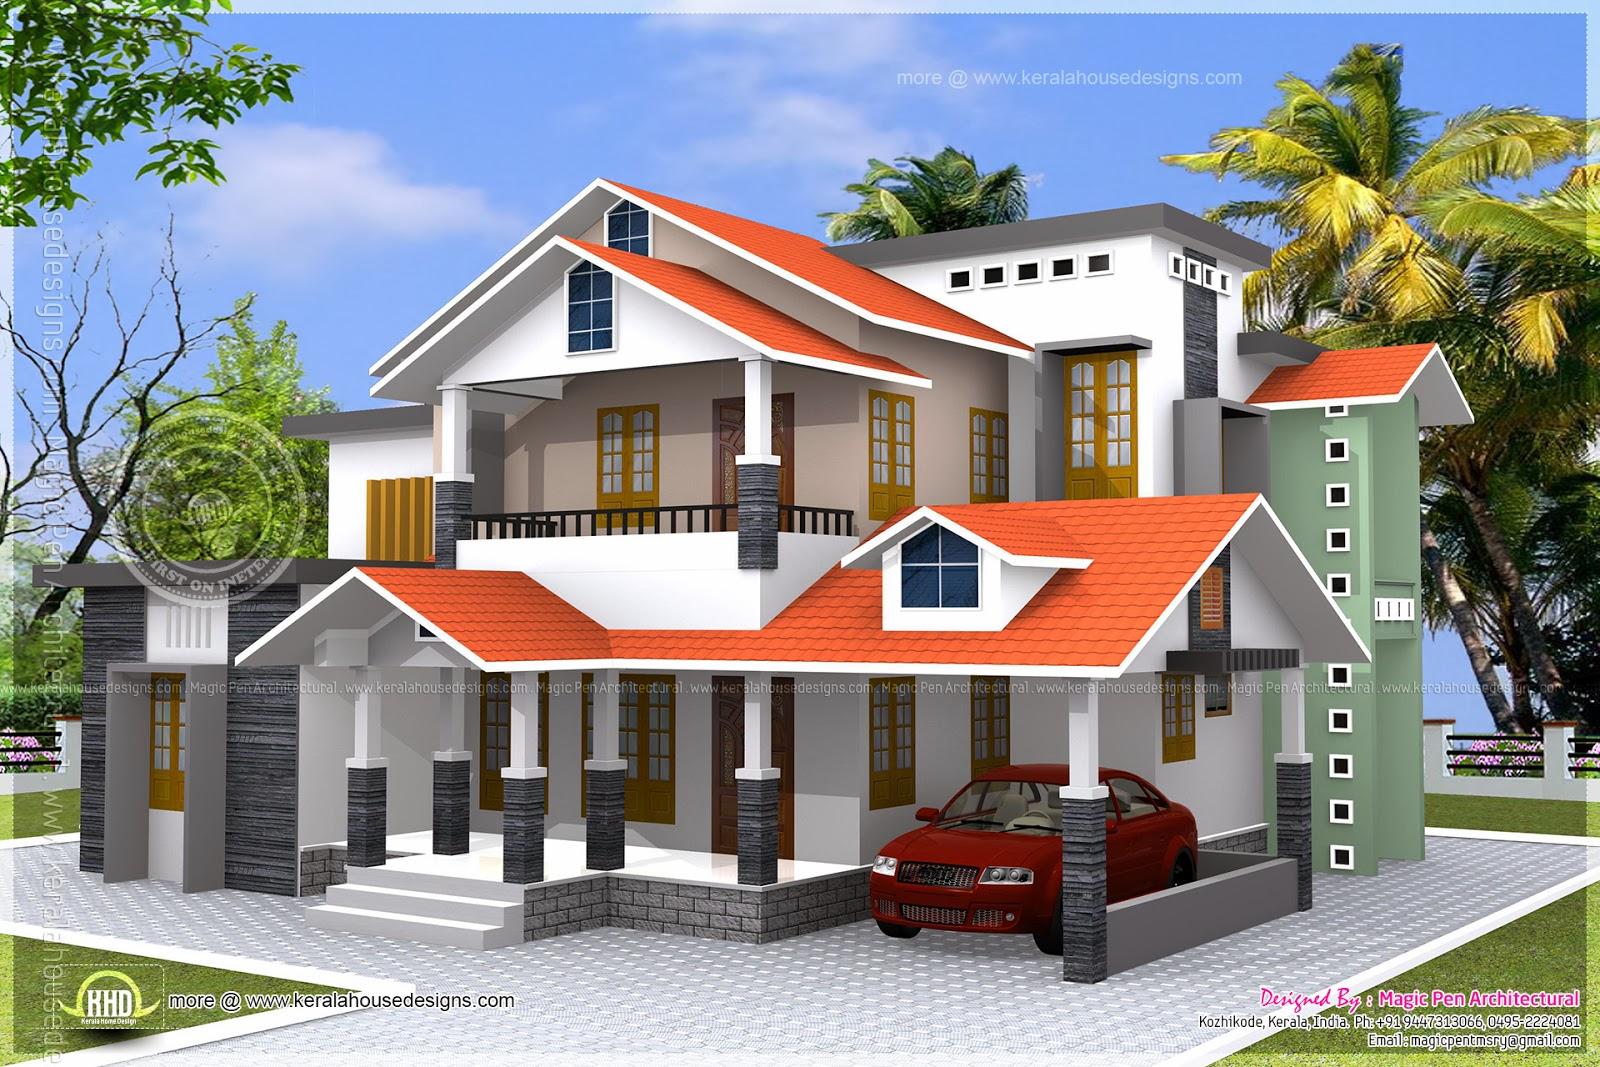 2945 square feet 4 bhk house exterior kerala home design for 4 bhk home design